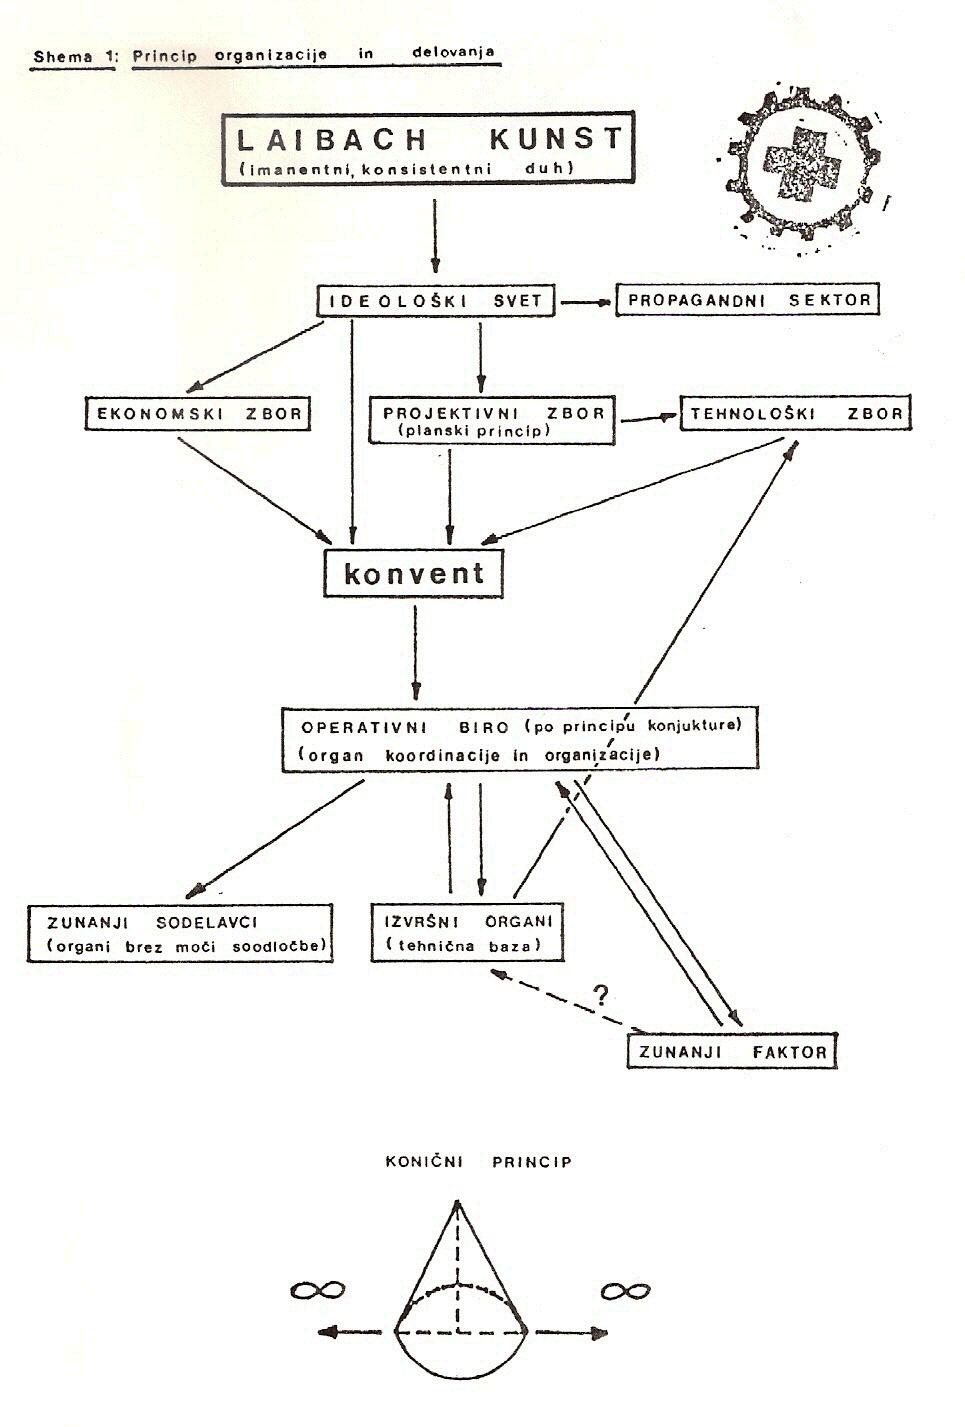 Laibach Kunst Organigram - Manifests